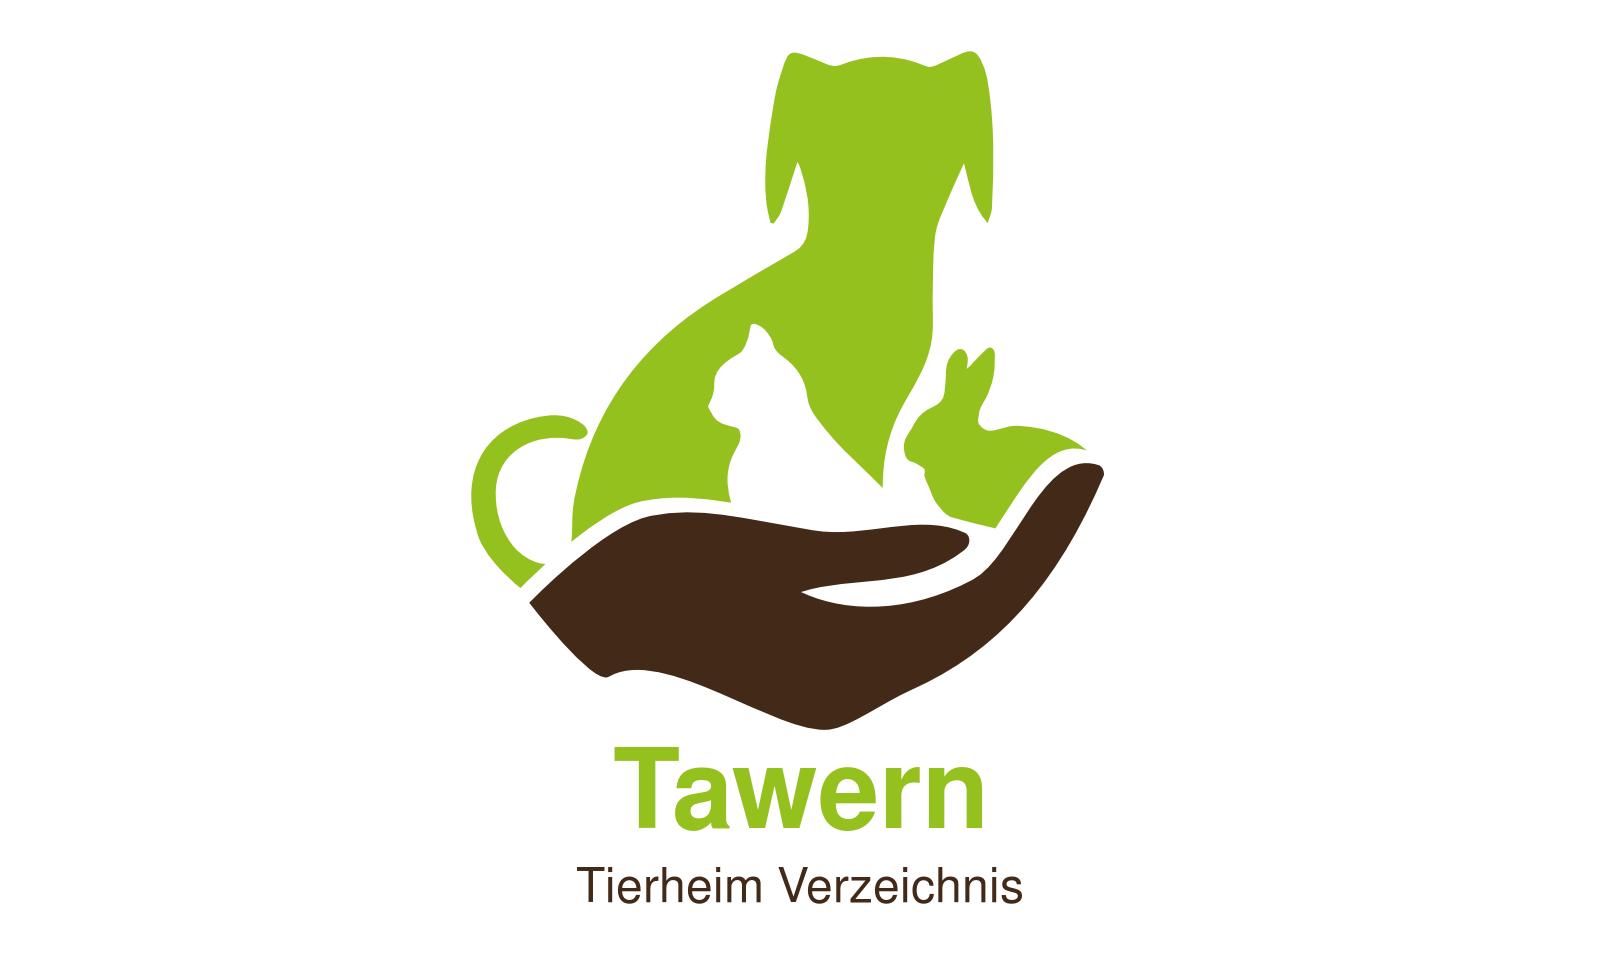 Tierheim Tawern